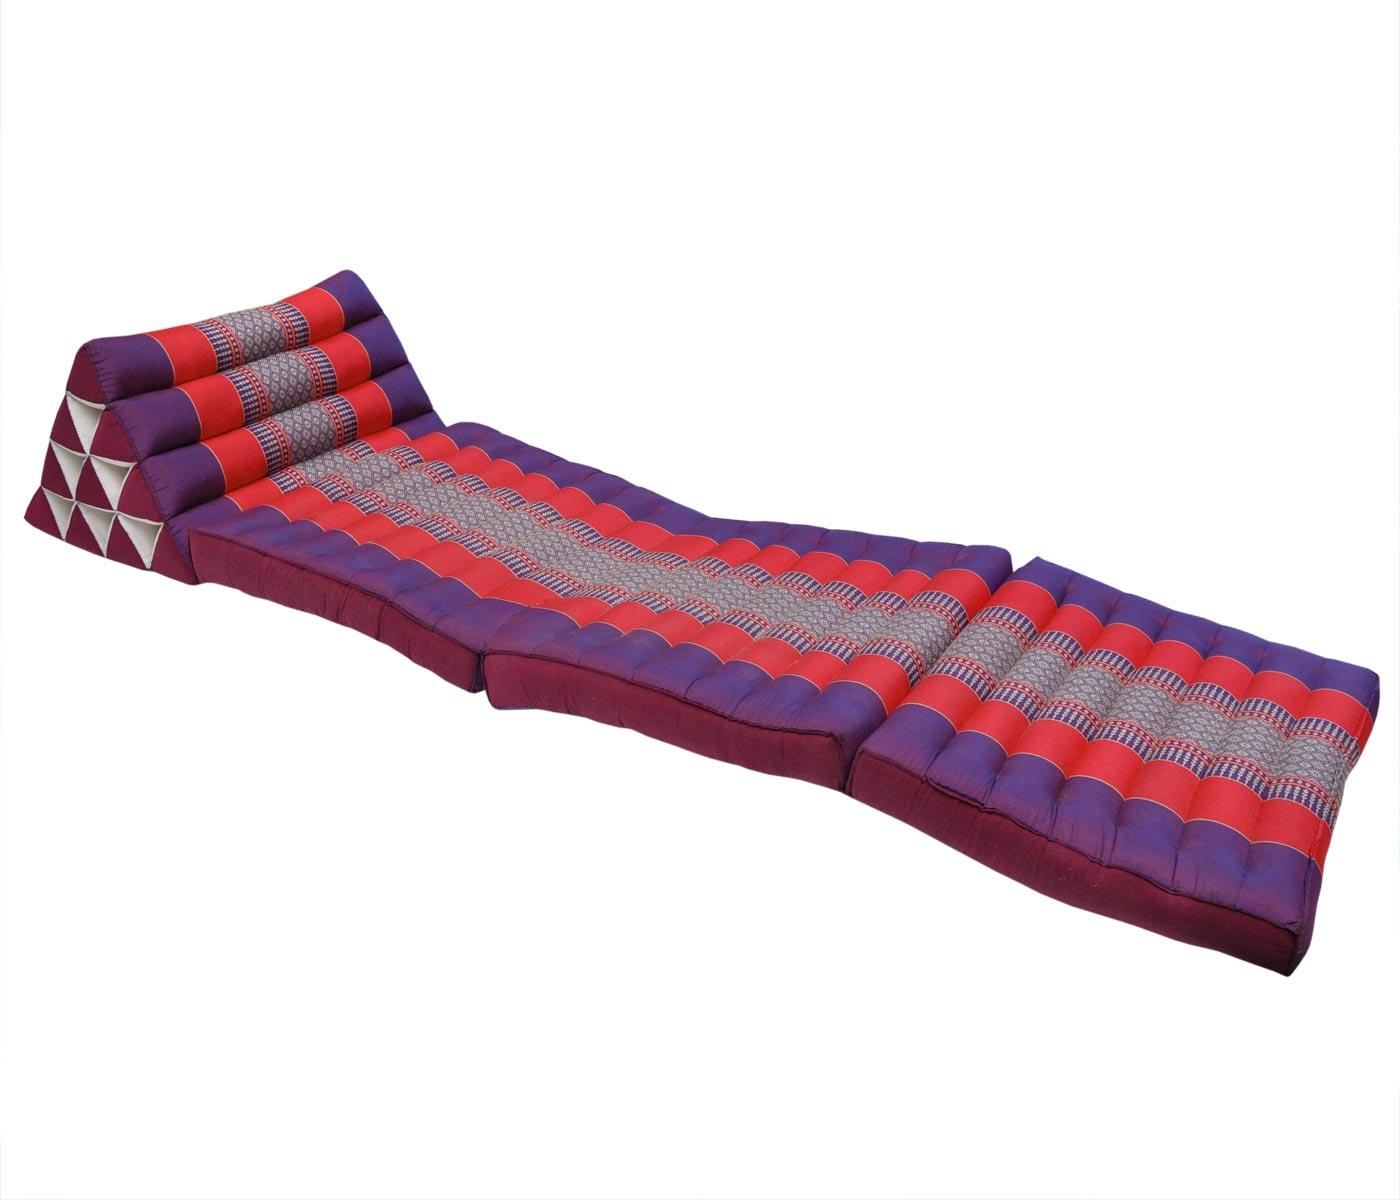 kissen mit drei auflagen violett rot. Black Bedroom Furniture Sets. Home Design Ideas